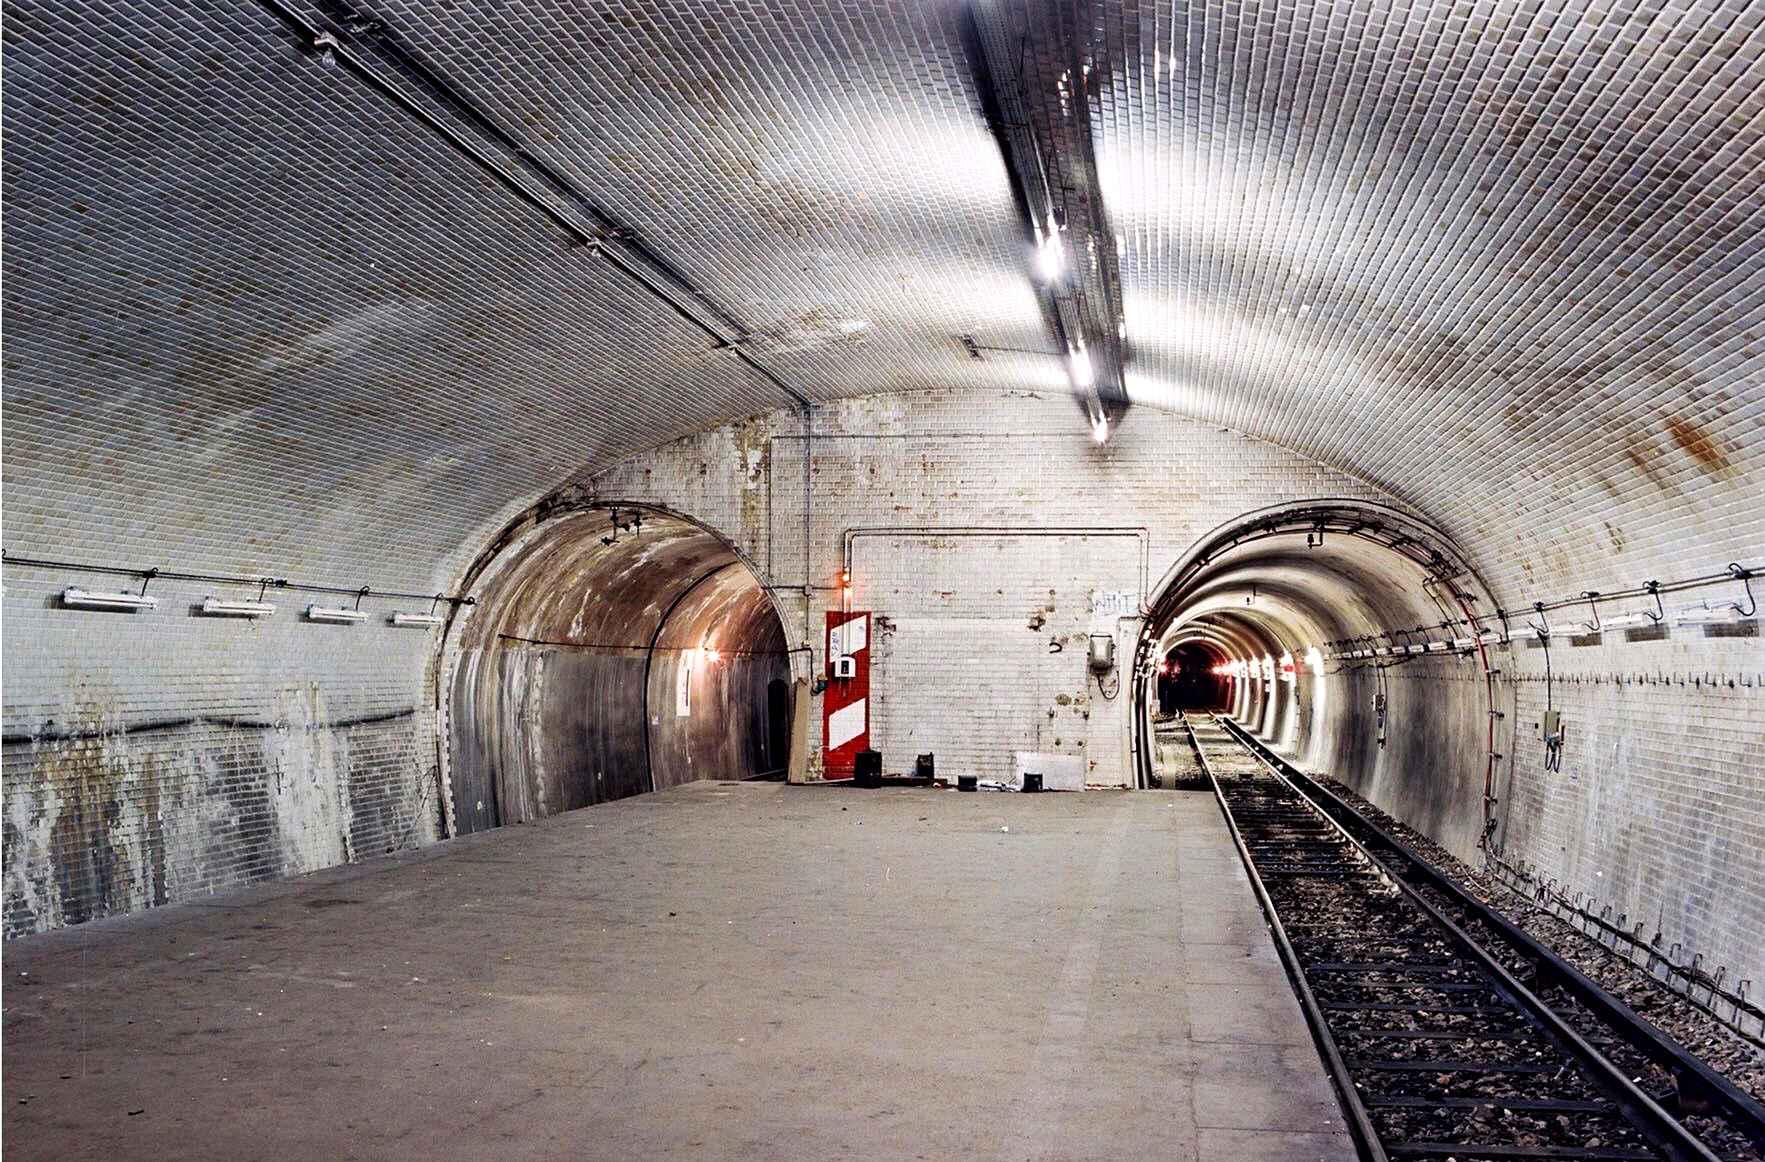 Staţia de metrou Porte Molitor, construită în 1923, e o staţie în care nici un călător nu a pus piciorul. Accesul către staţie nu a fost niciodată finalizat; Porte Molitor e folosită în prezent pe post de depou. Co